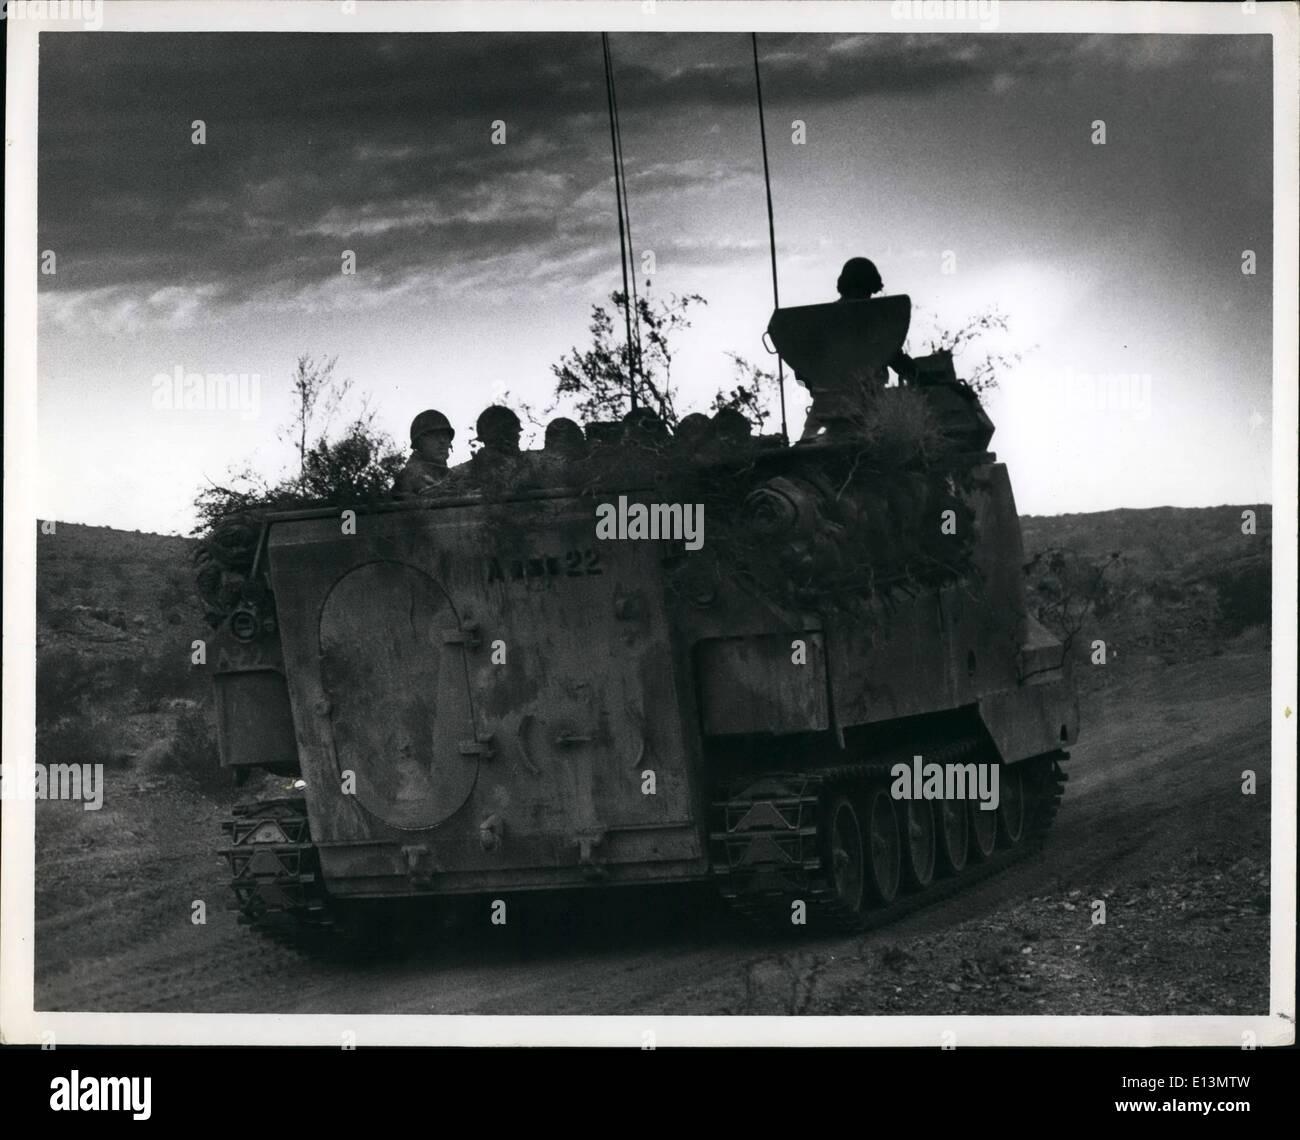 Mar. 22, 2012 - 29 Palms California un élément de la 7e bataillon amphibie Marine mas partie de la force de déploiement rapide, Photo Stock